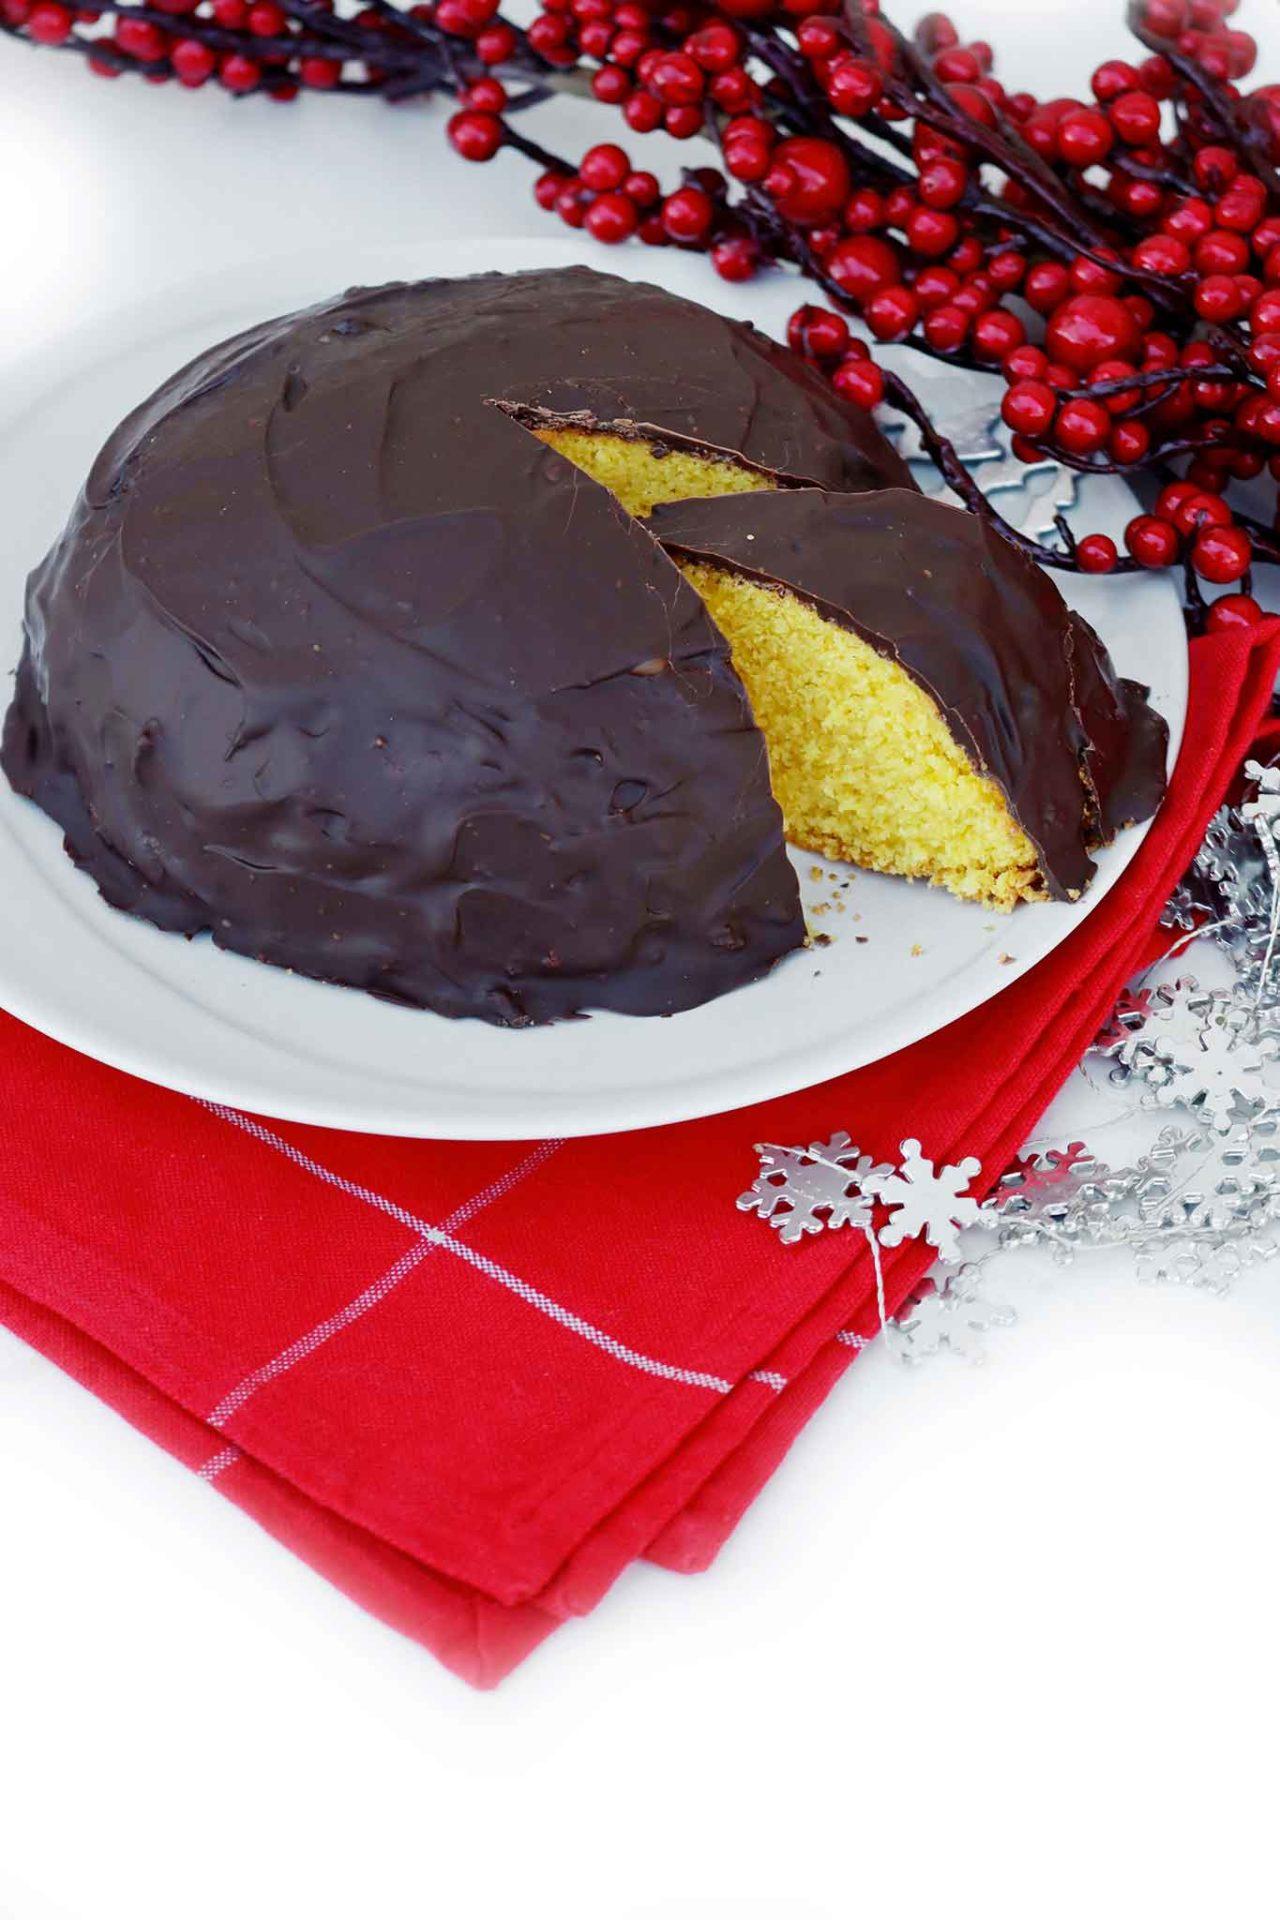 parrozzo dolce tipico Abruzzo del Natale